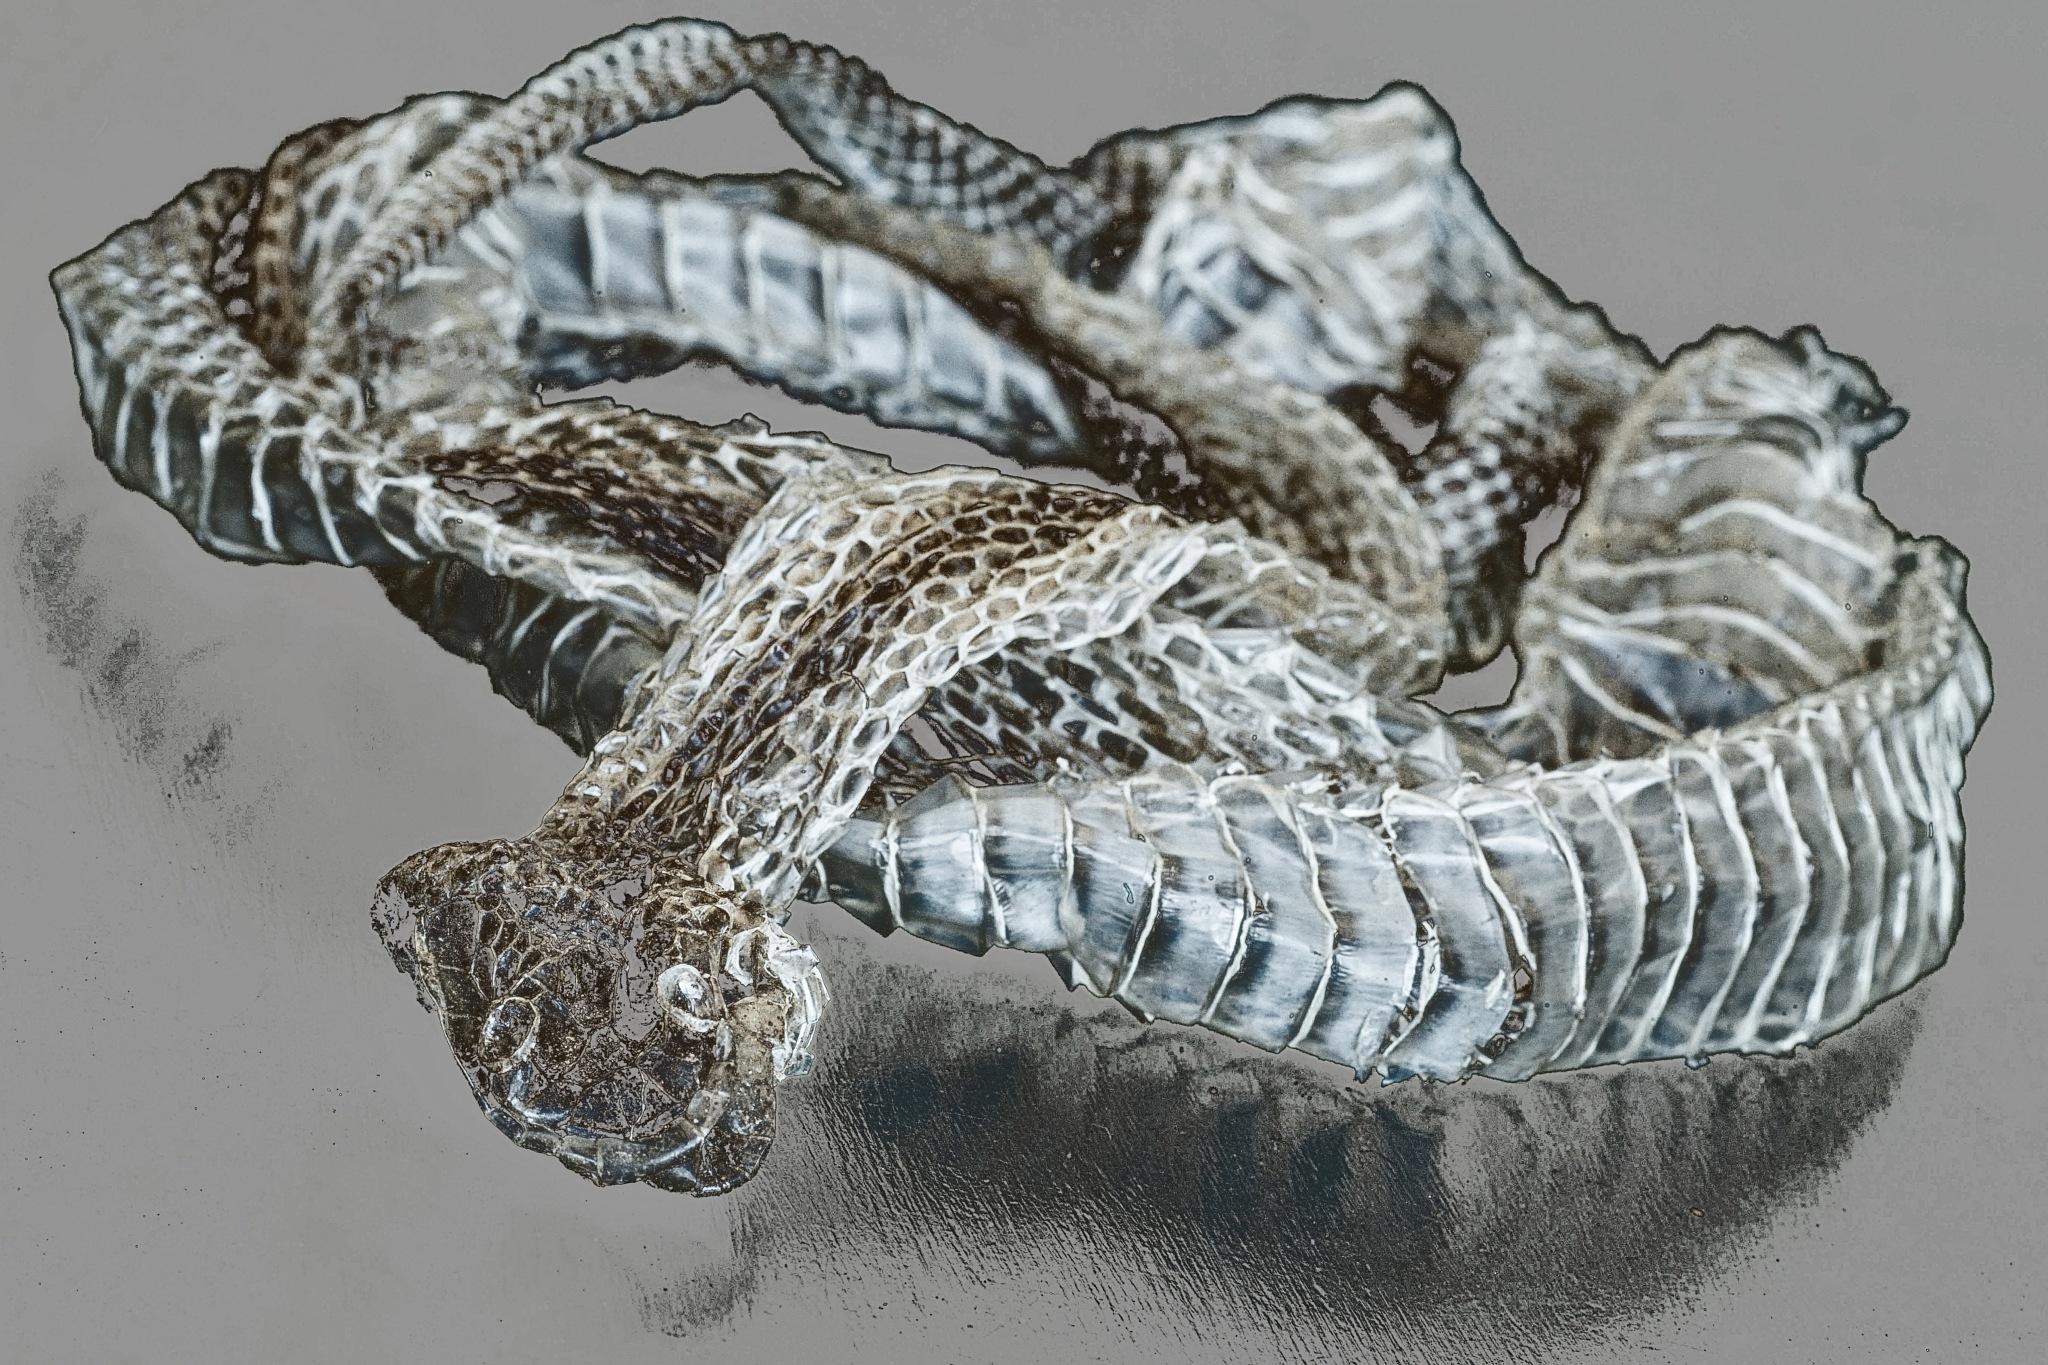 Snakeskin by Alun Wyld